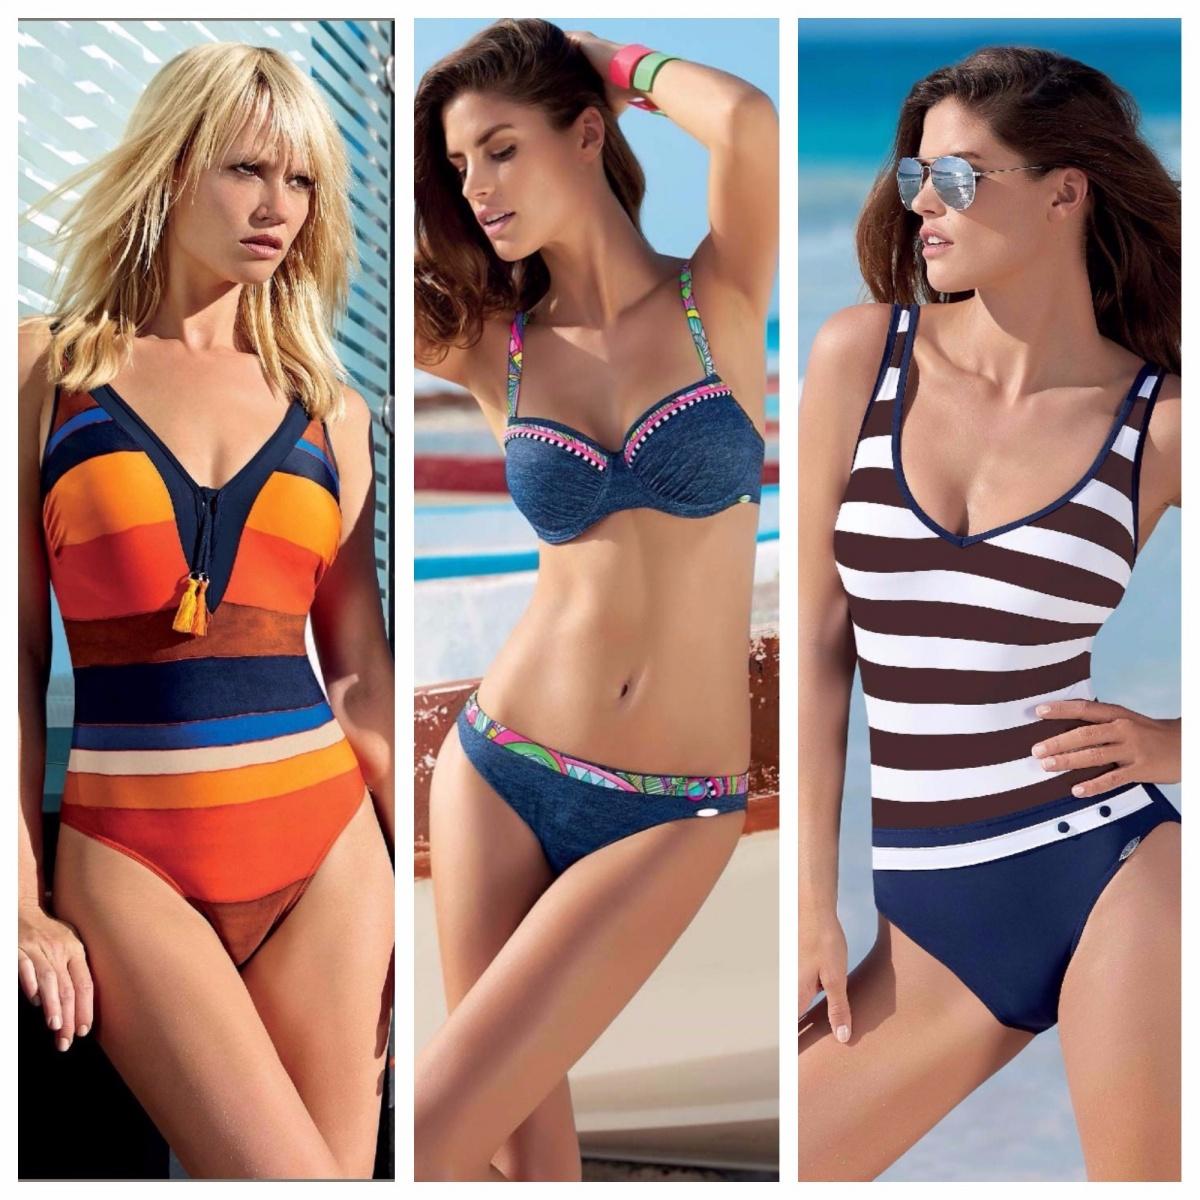 Начинается распродажа купальников и нижнего белья со скидками до 50 %